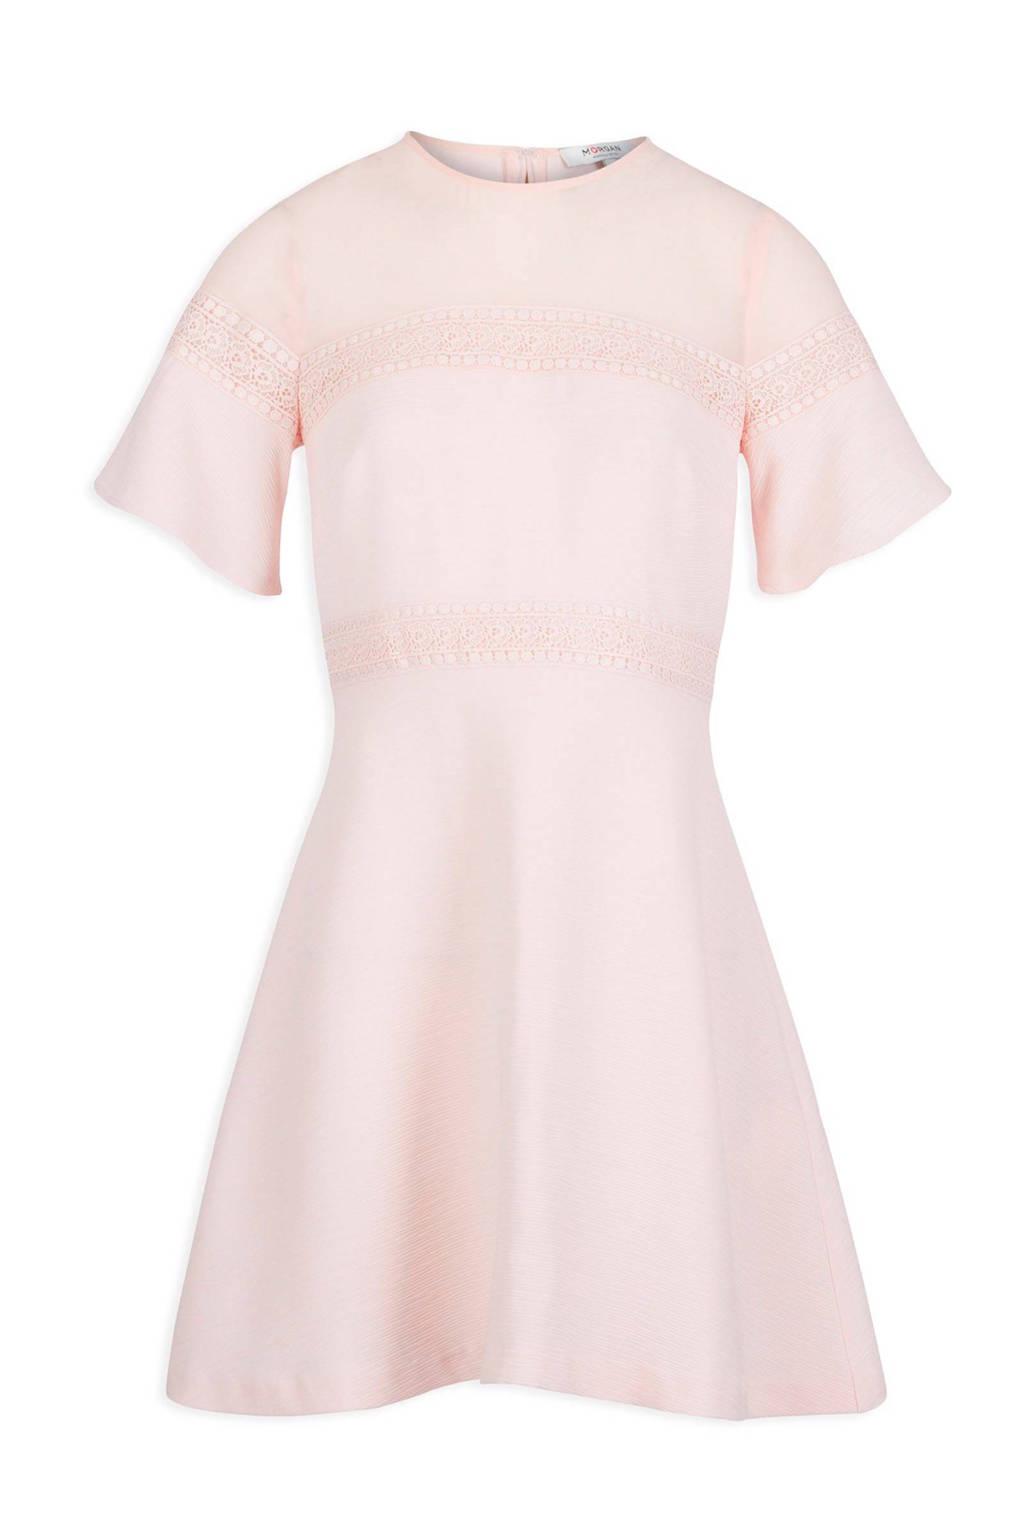 Morgan jurk met kant, Oudroze